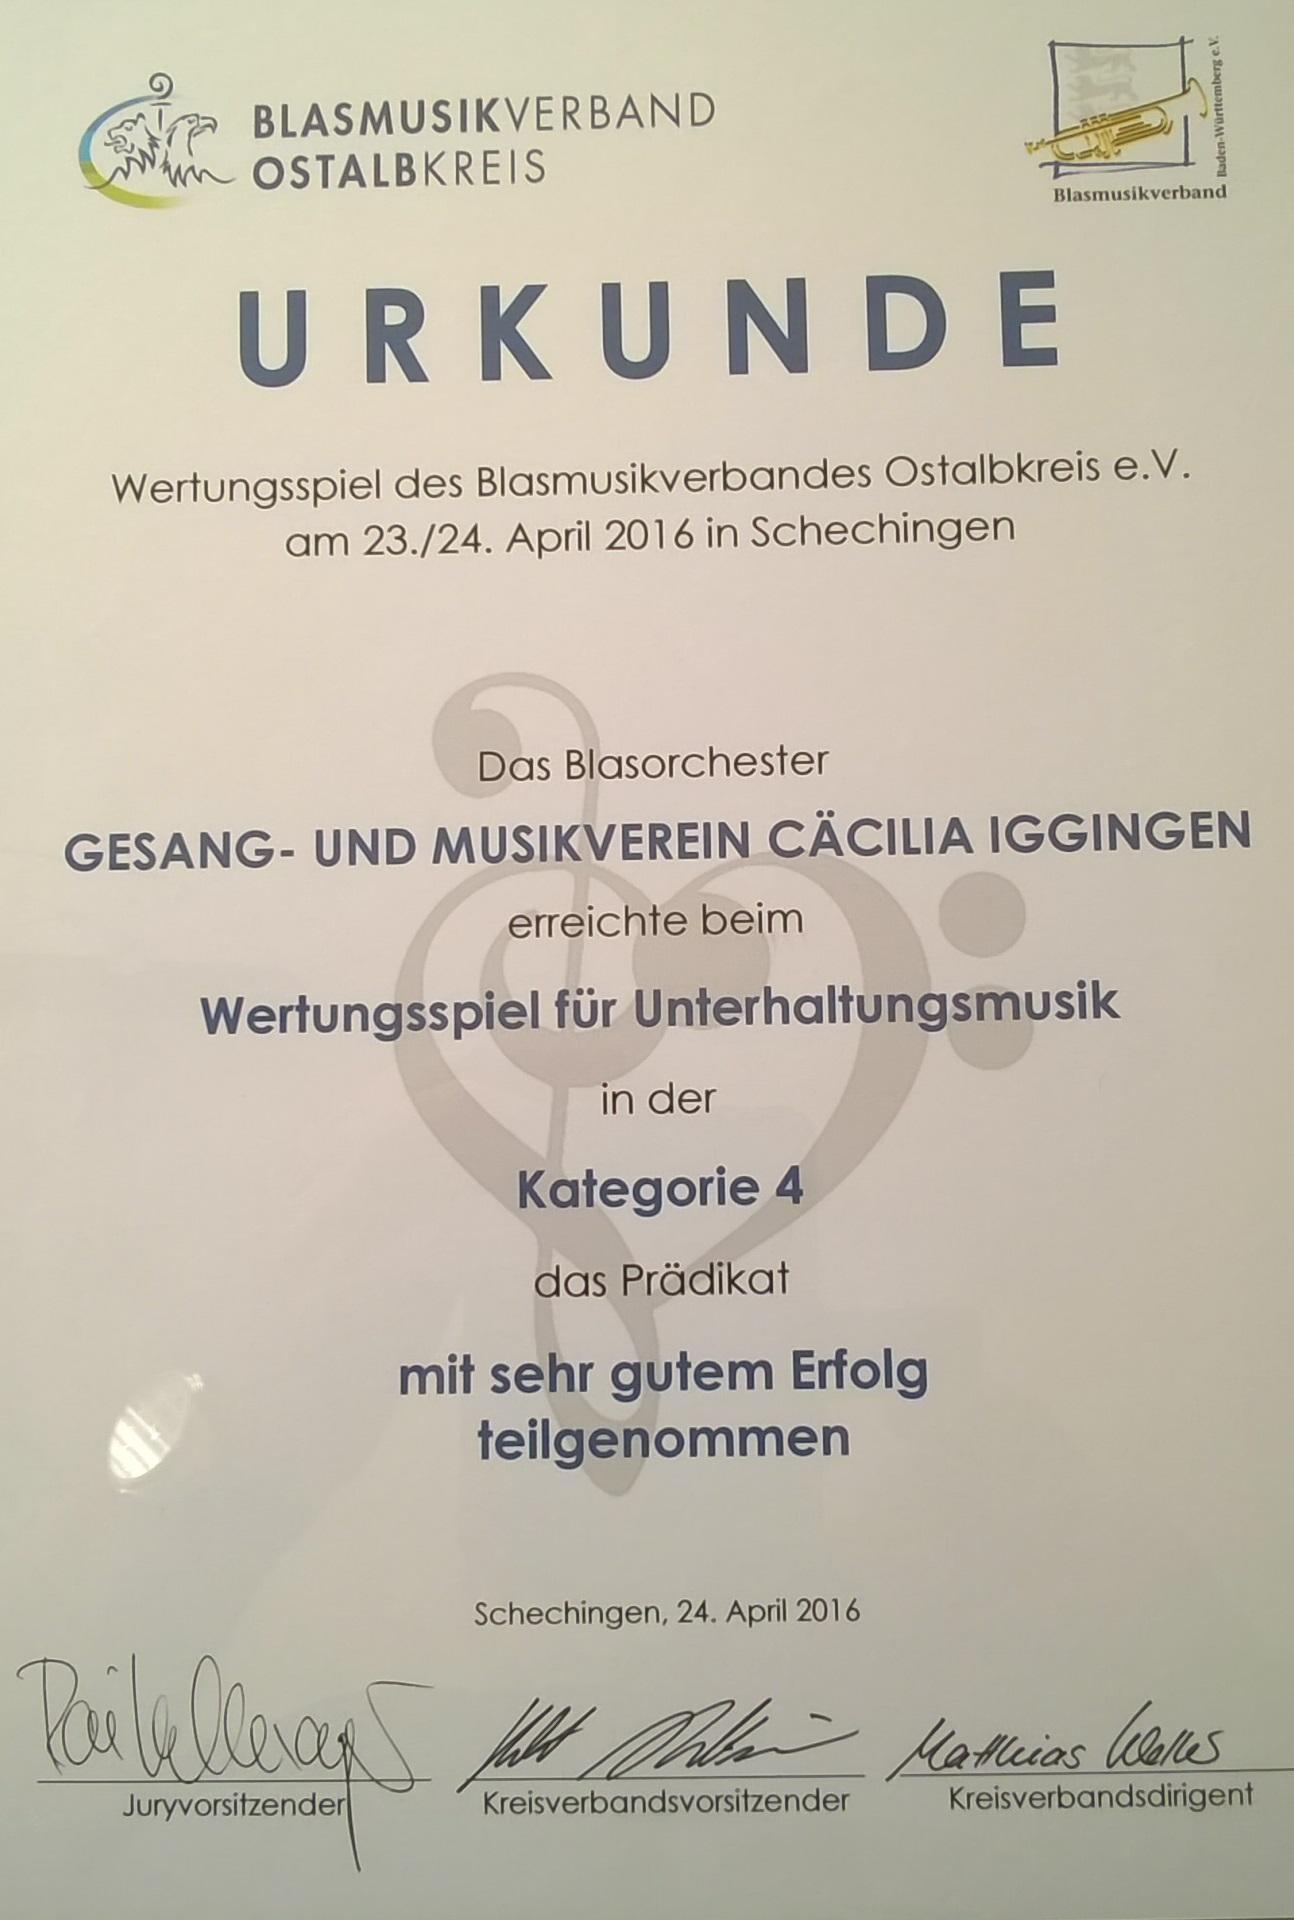 Urkunde vom Wertungsspiel vom 23.04.2016